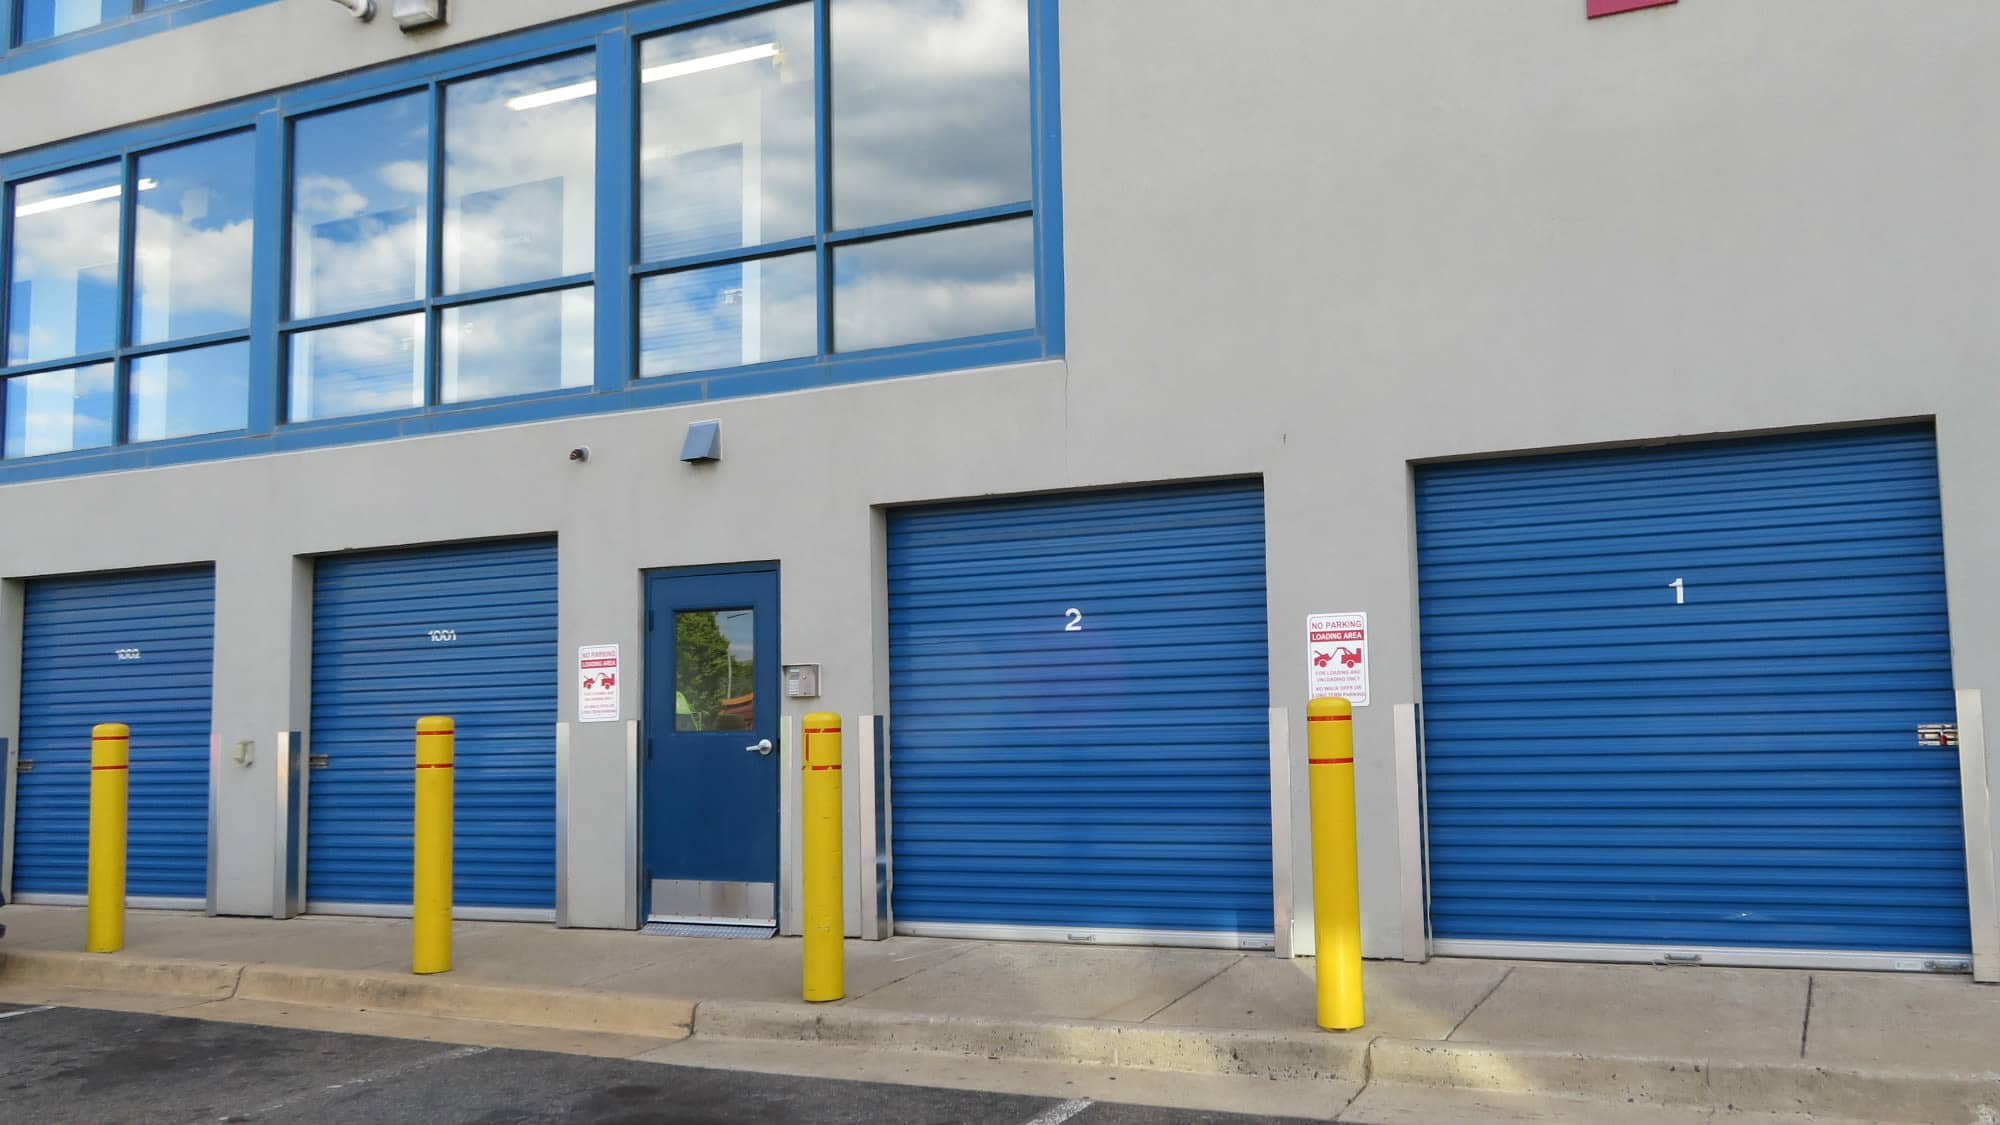 Ground-floor units at Self Storage Plus in Arlington, VA